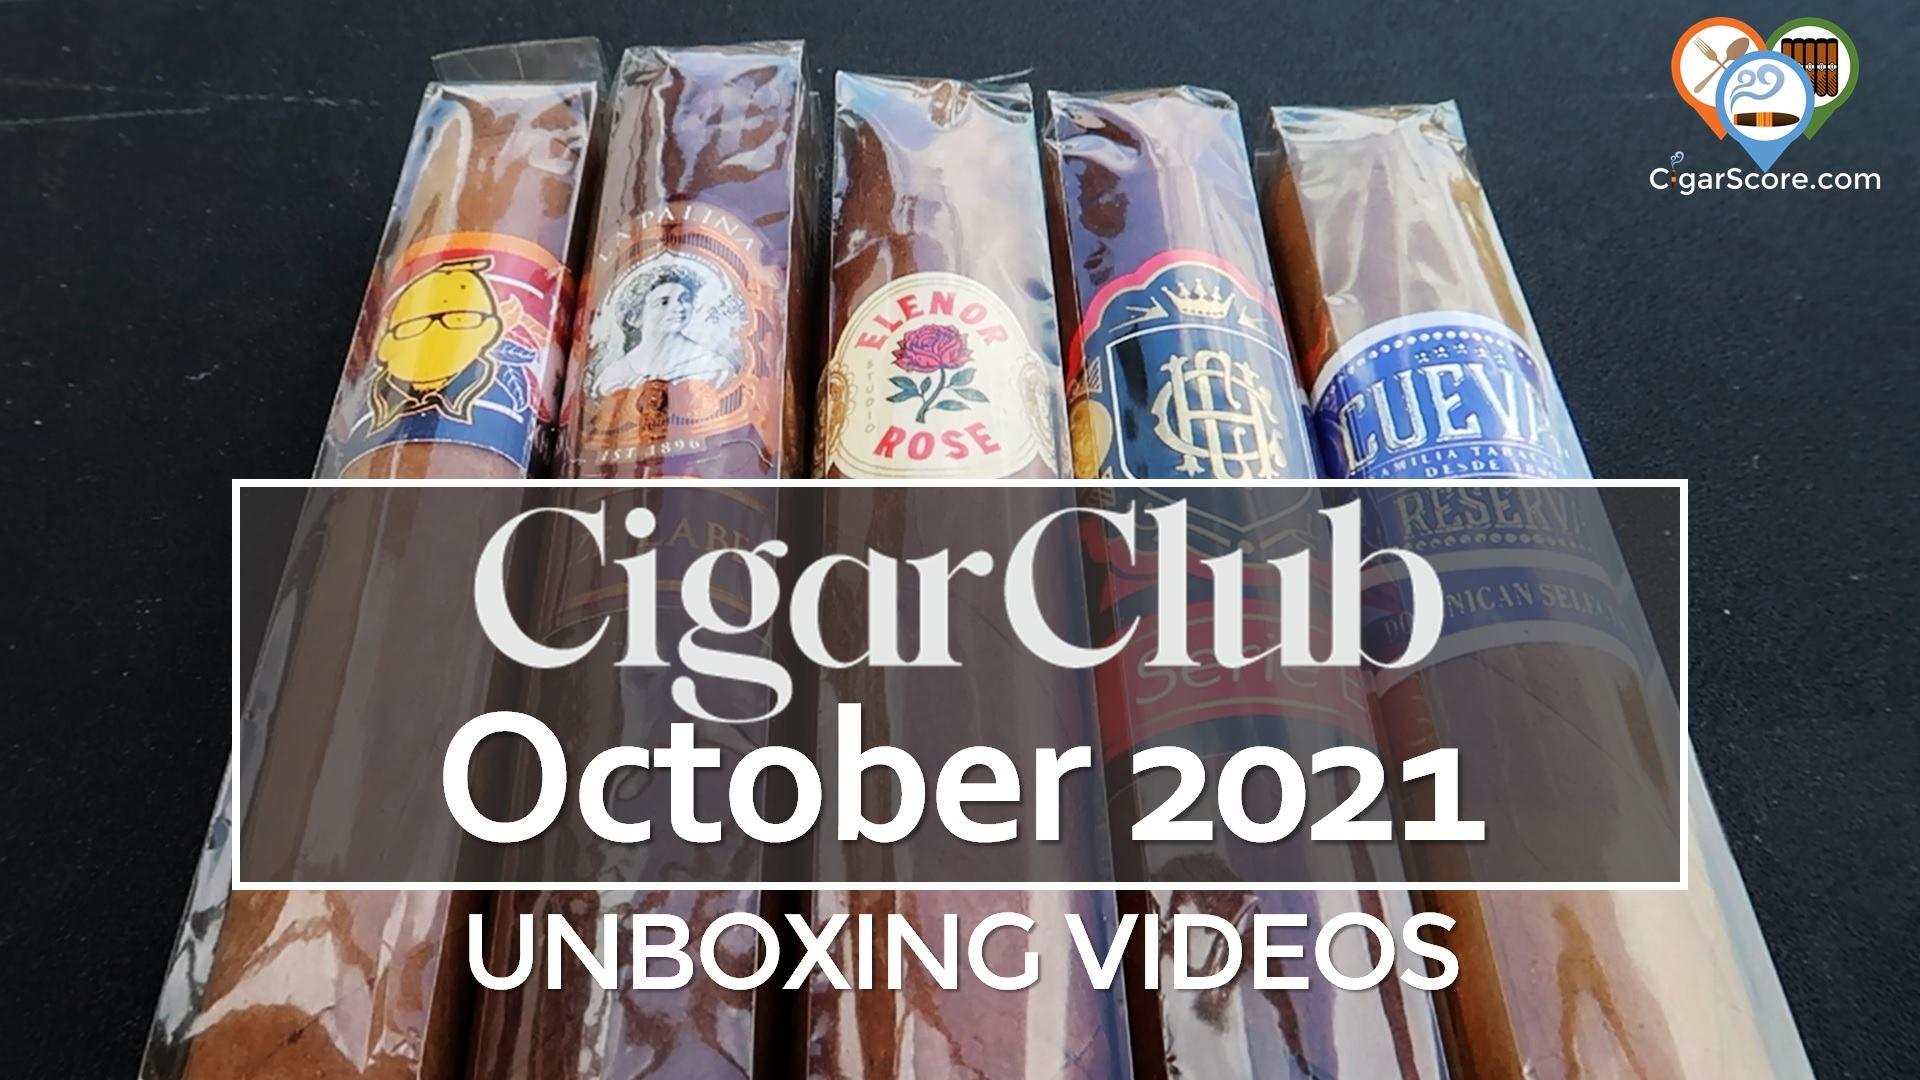 UNBOXING CigarClub OCTOBER 2021